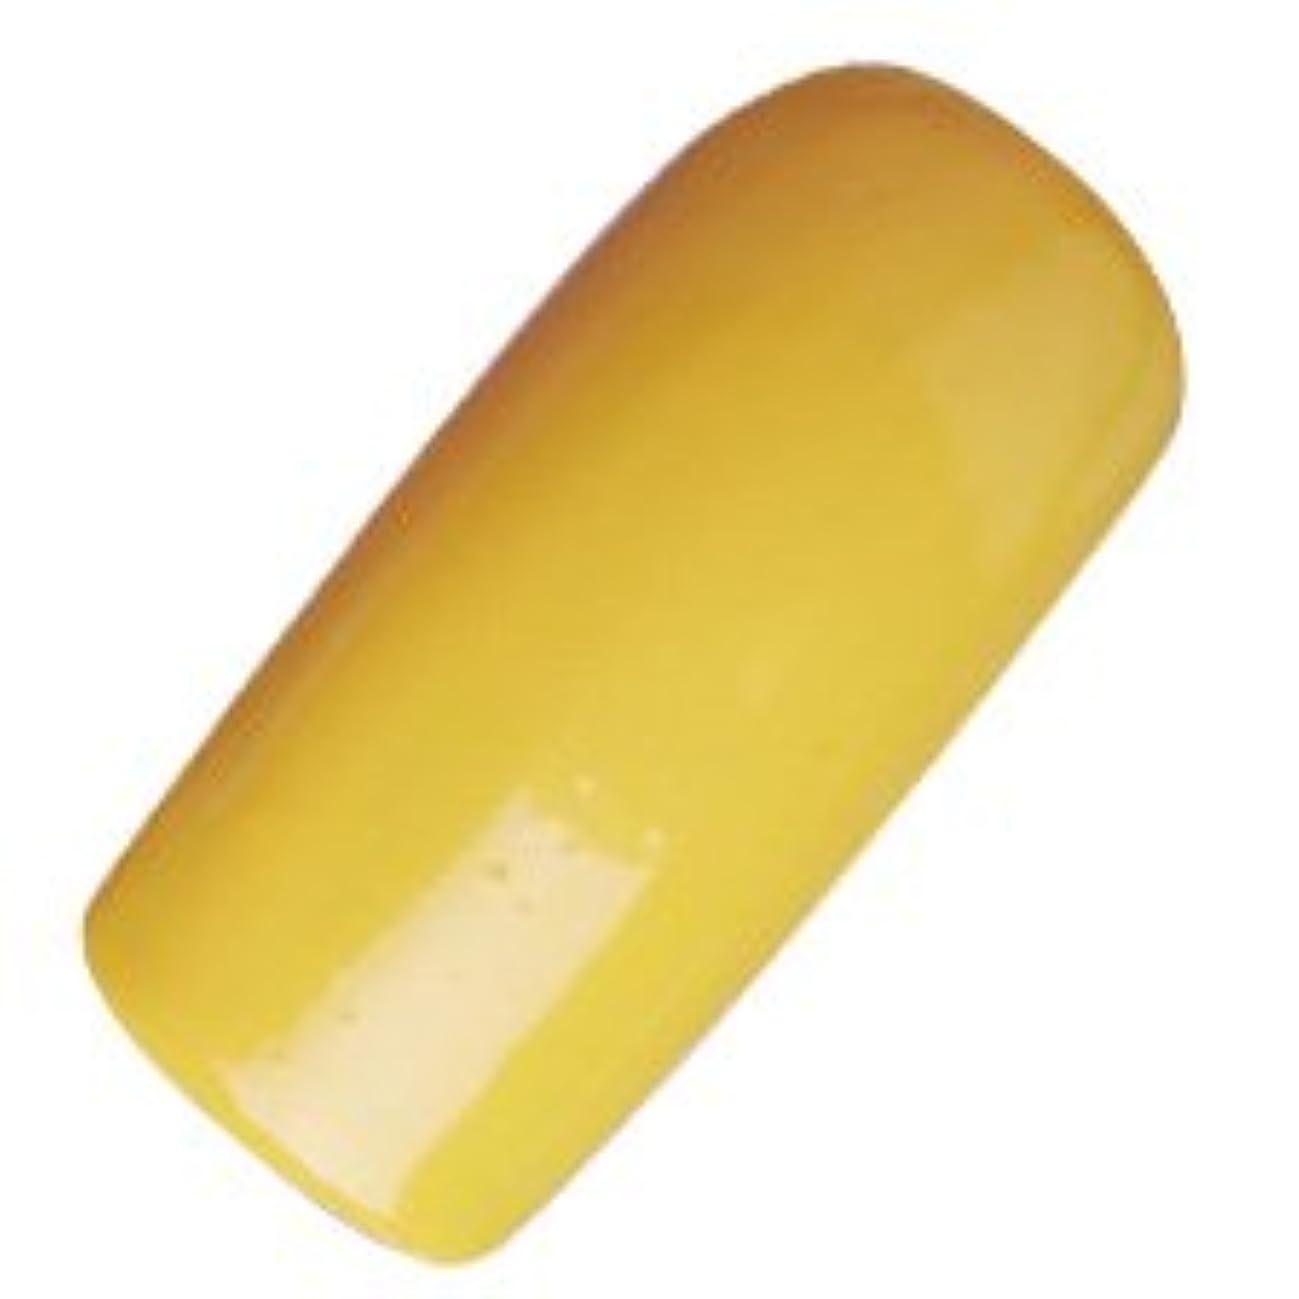 ひも安全なミネラルDASHING DIVA(ダッシングディバ) ララジェル カラージェル 4g N―042M レモンクロメ